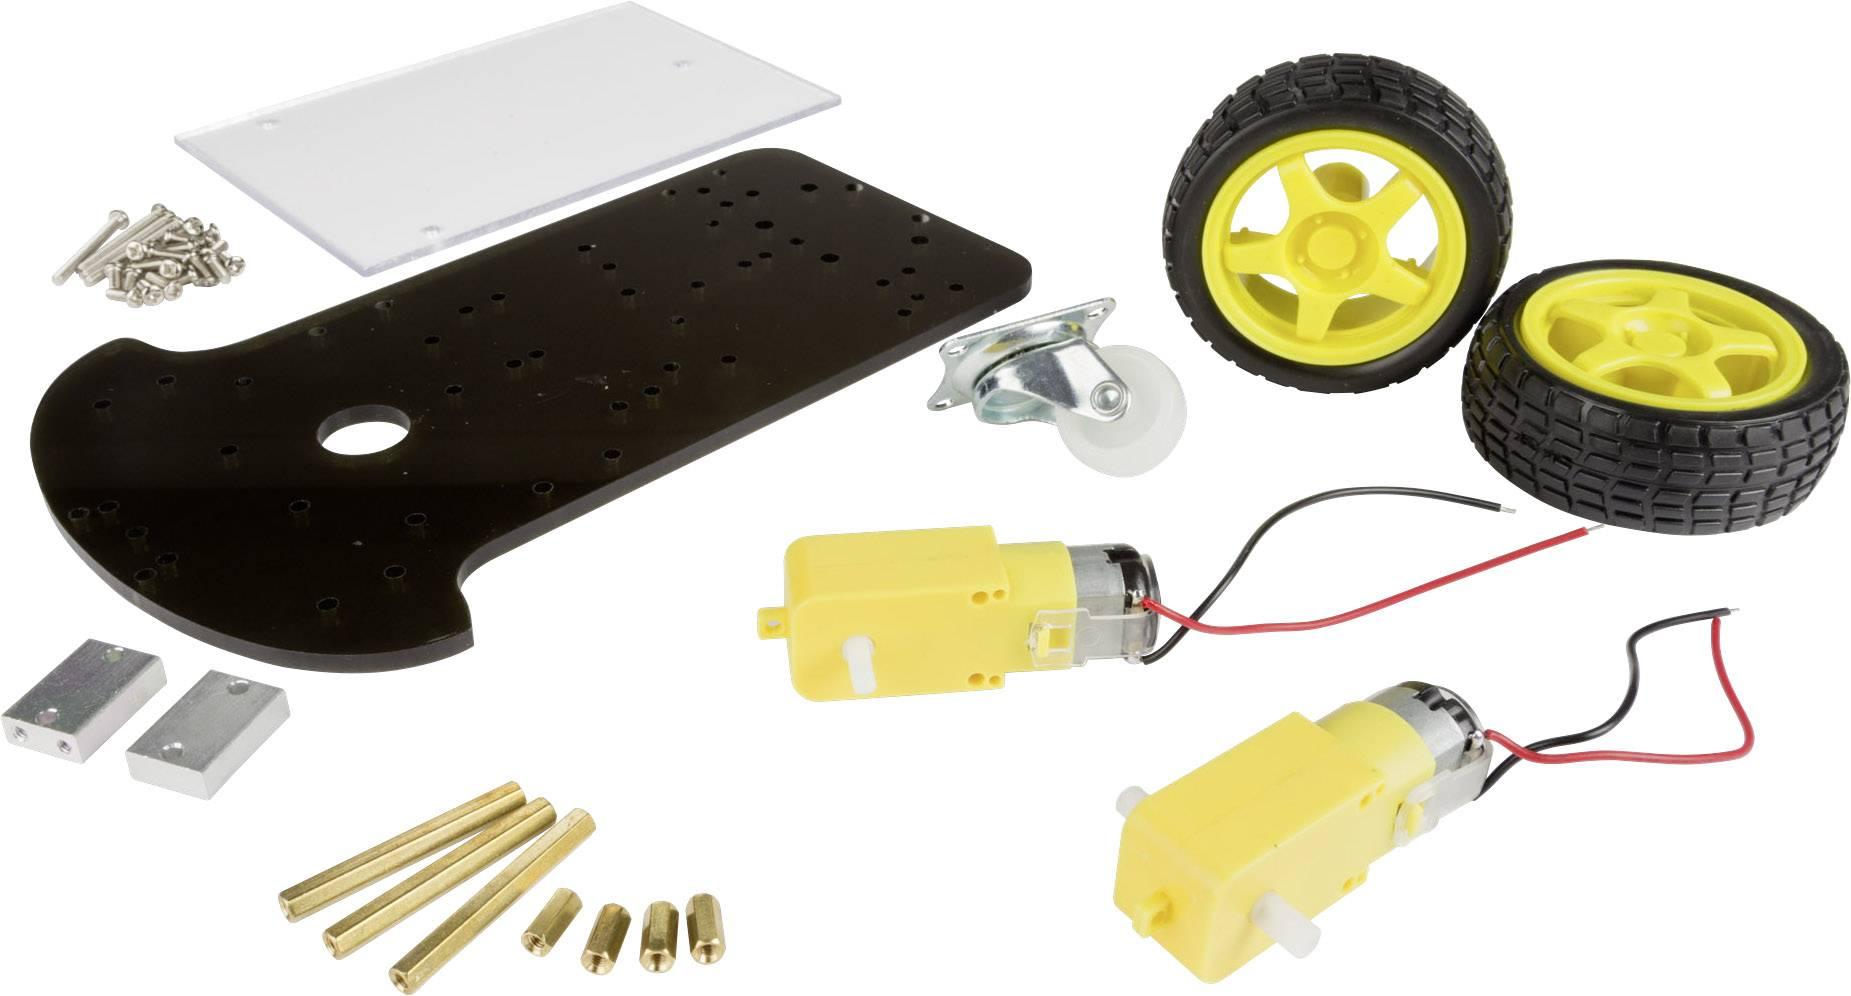 Stavebnice MAKERFACTORY s 2kolovým motorovým rámem pro roboty VMA500